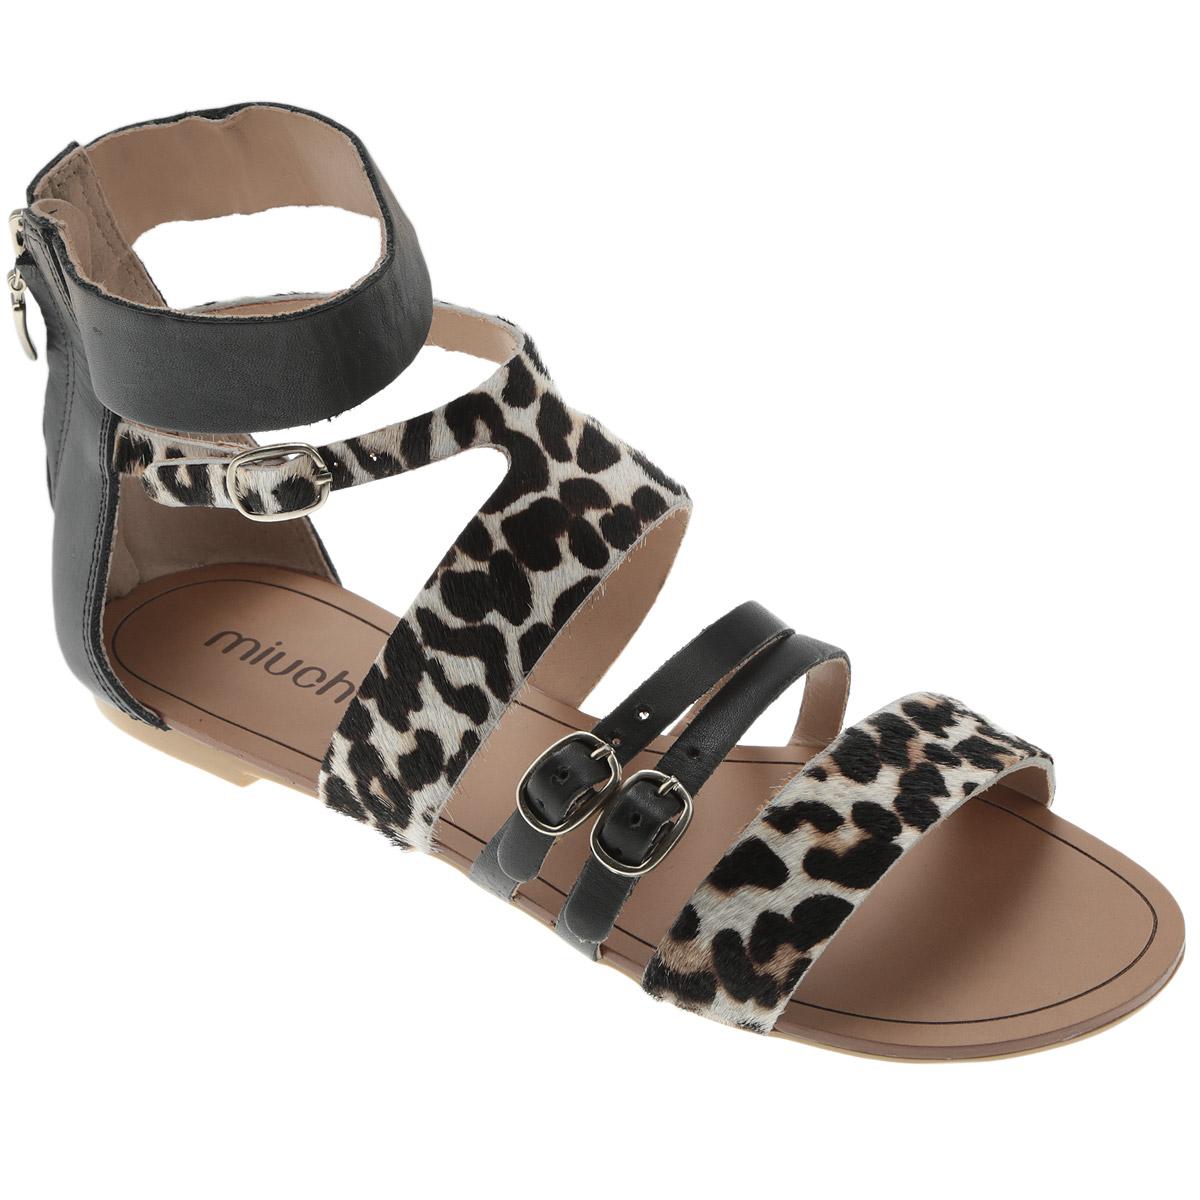 Сандалии женские. 117-1257117-1257Экстравагантные сандалии от Miucha - для смелых натур! Модель выполнена из натуральной высококачественной кожи. Ремешки с ворсистой поверхностью оформлены анималистическим принтом. Закрытый задник с застежкой-молнией и ремешки с закругленными металлическими пряжками отвечают за надежную фиксацию модели на ноге. Длина ремешков регулируется при помощи болтов. Низкий каблук и подошва с рифлением обеспечивают отличное сцепление с любыми поверхностями. Эффектные сандалии подчеркнут вашу яркую индивидуальность и позволят выделиться среди окружающих.